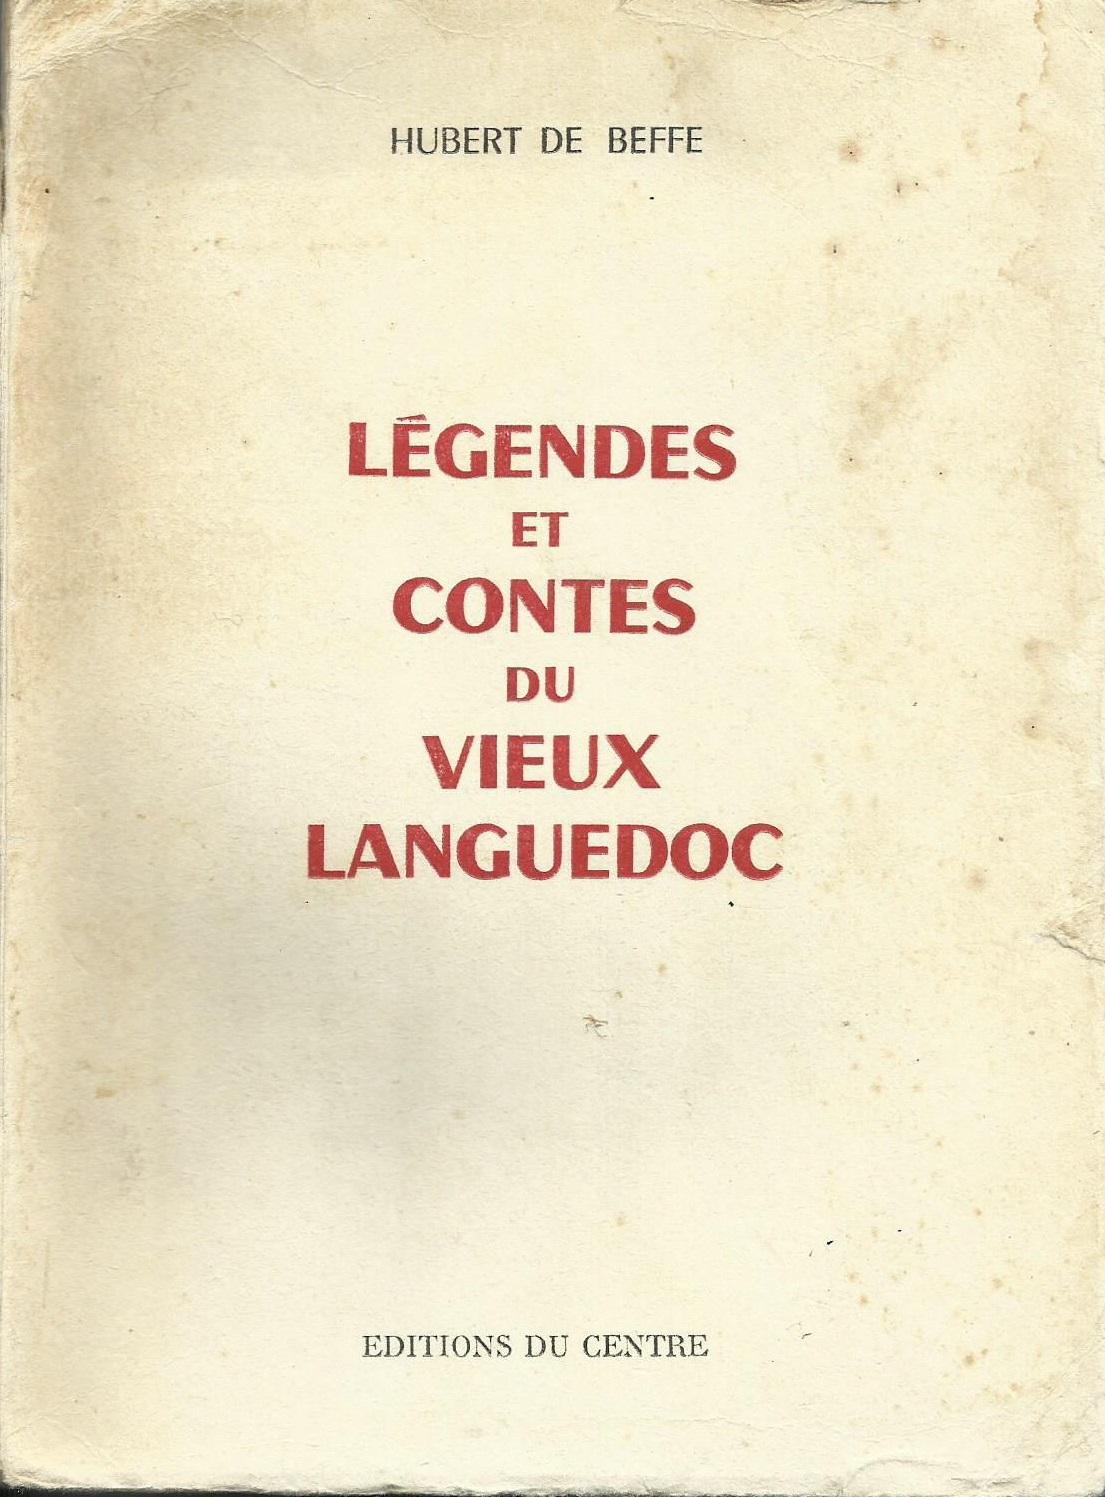 Légendes et contes du vieux Languedoc